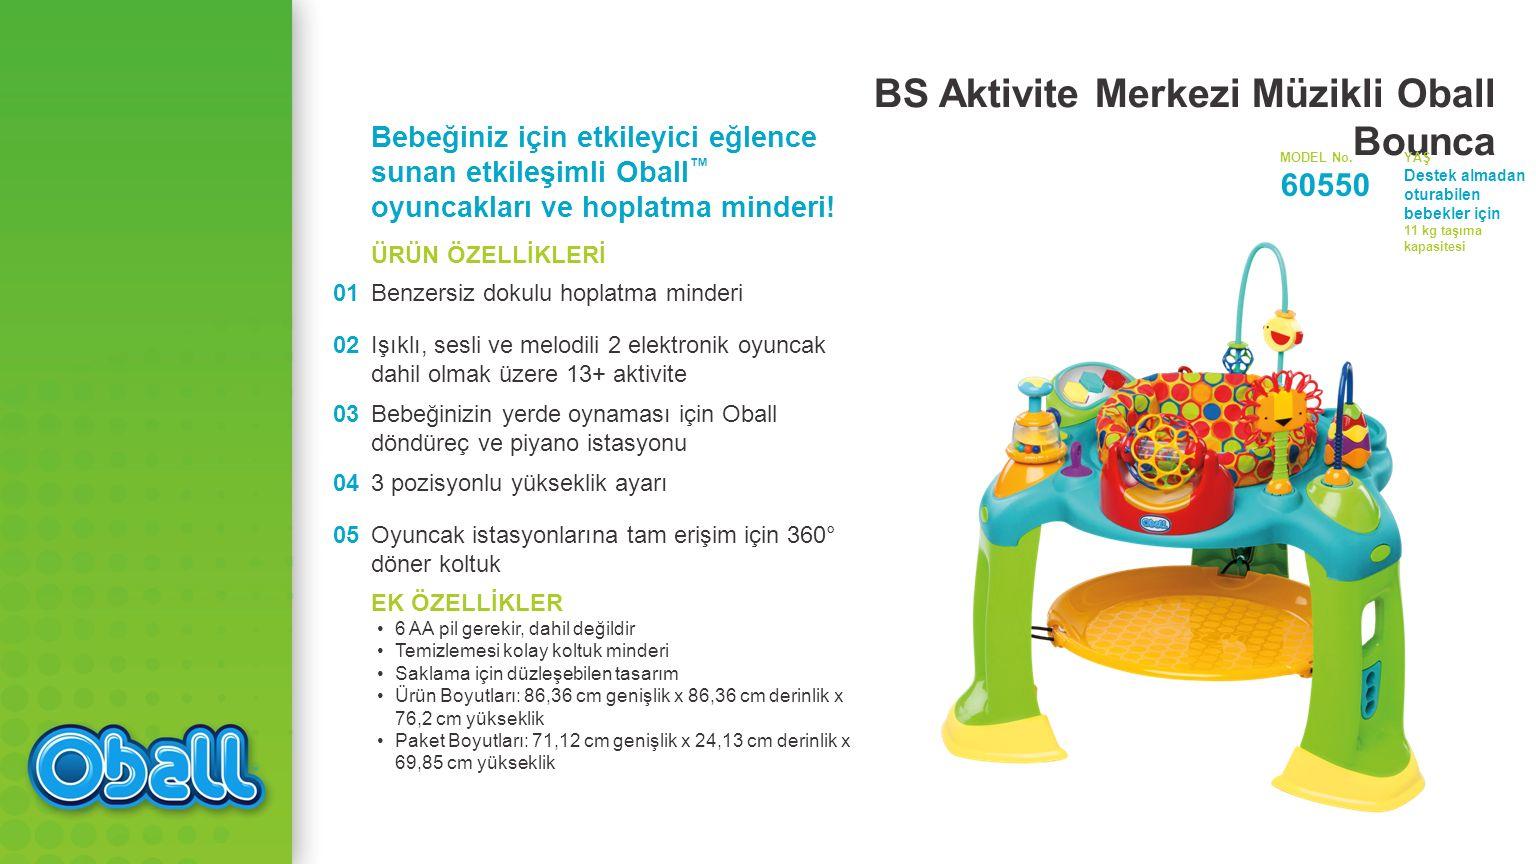 BS Aktivite Merkezi Müzikli Oball Bounca Bebeğiniz için etkileyici eğlence sunan etkileşimli Oball ™ oyuncakları ve hoplatma minderi.